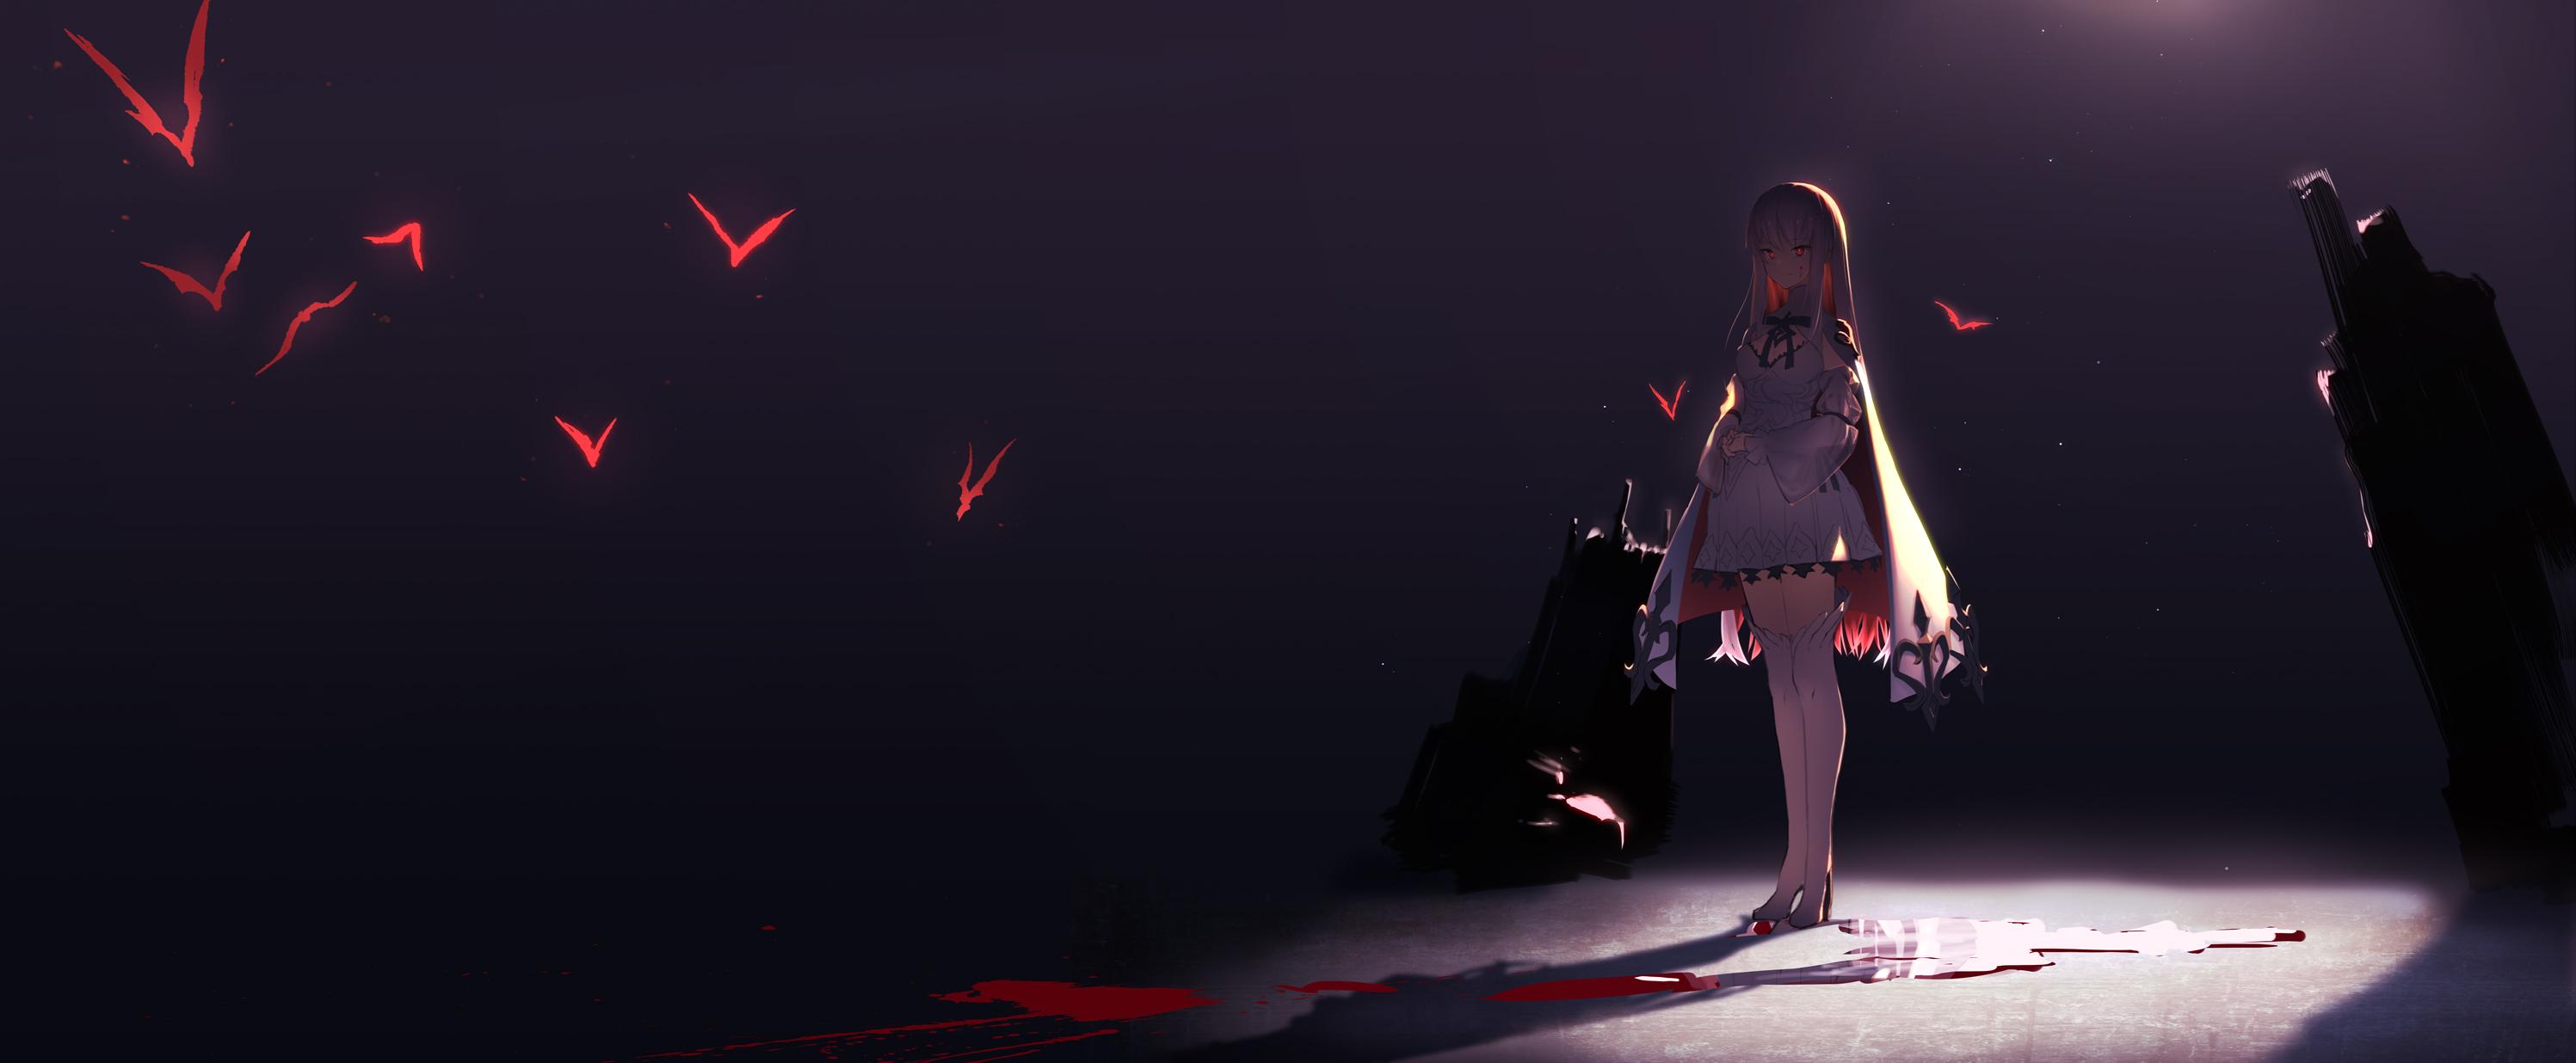 Anime Girl Devil Eyes, HD Anime, 4k Wallpapers, Images ...